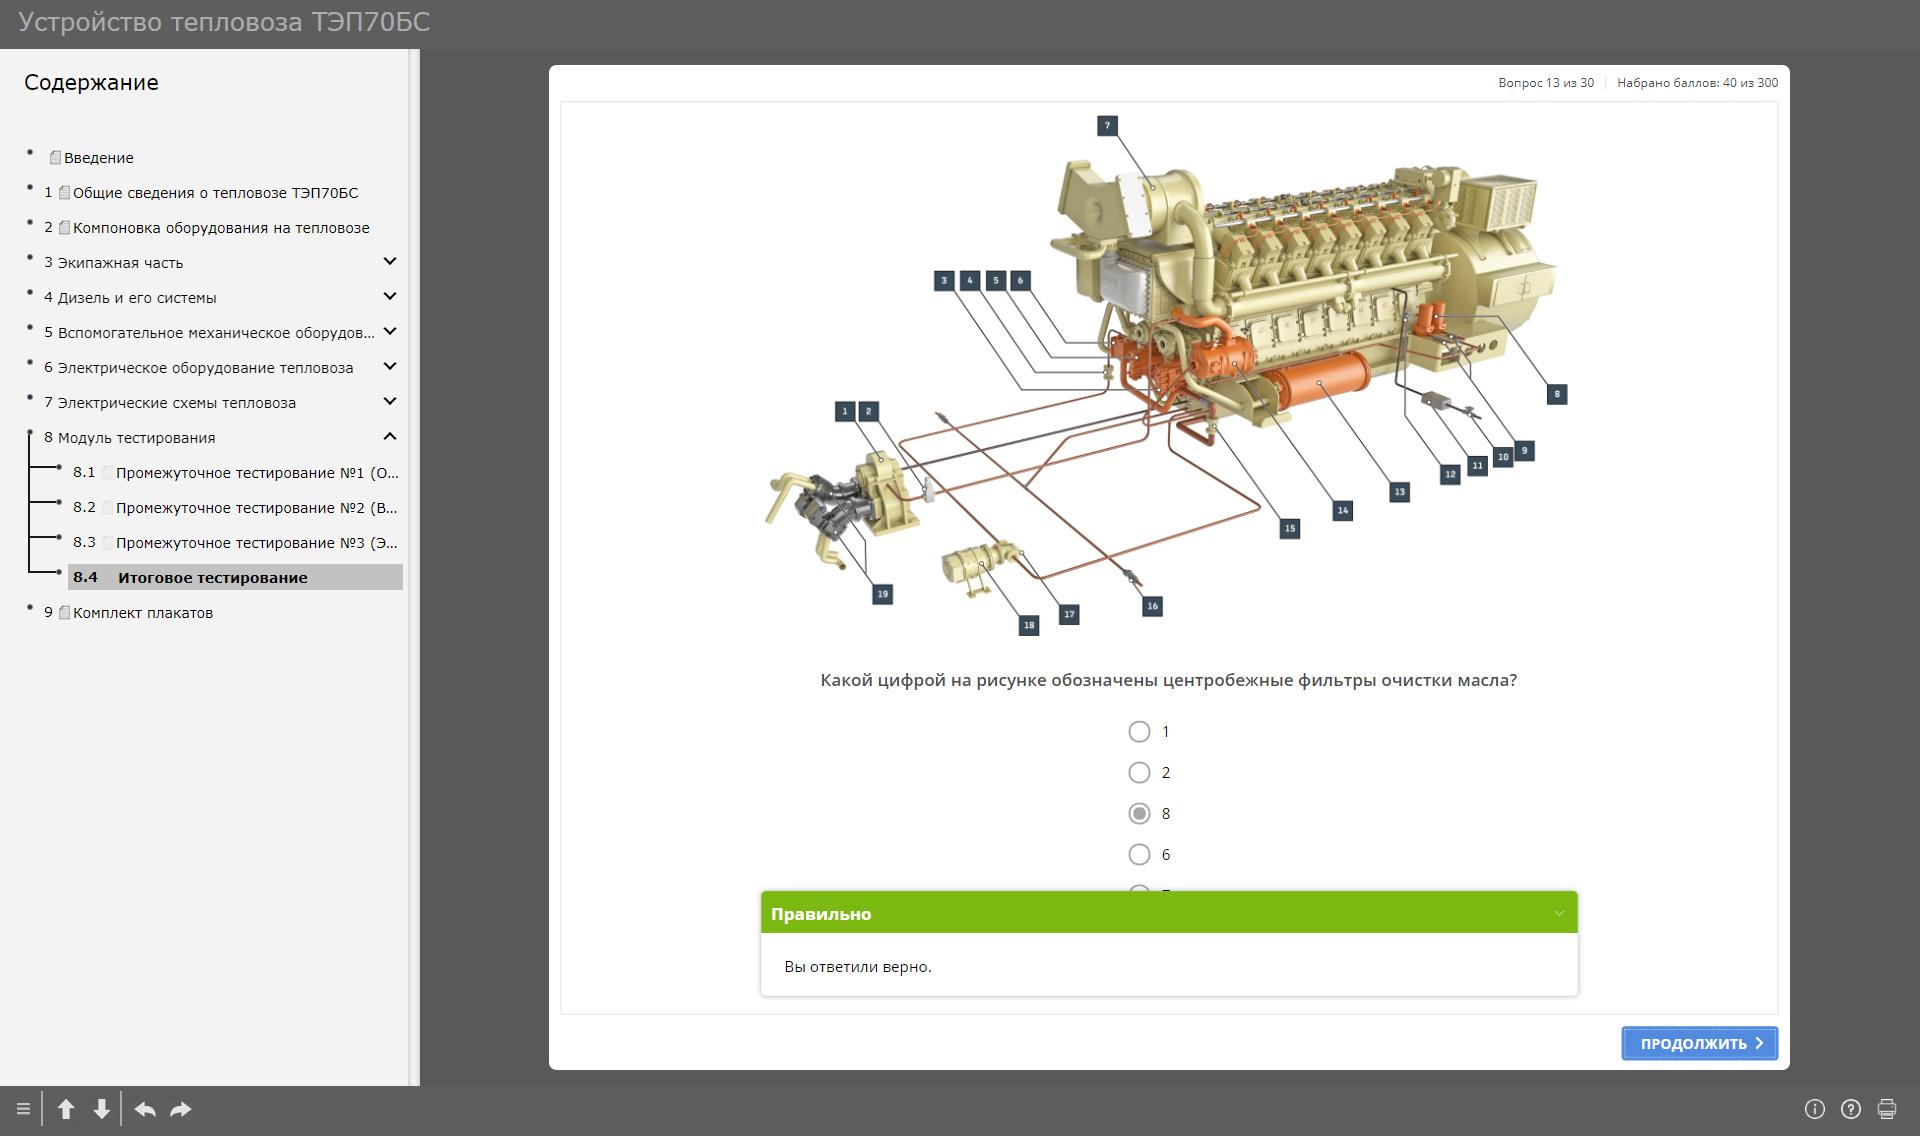 tep70bs 002 Электронный учебный комплекс «Устройство тепловоза ТЭП70БС»